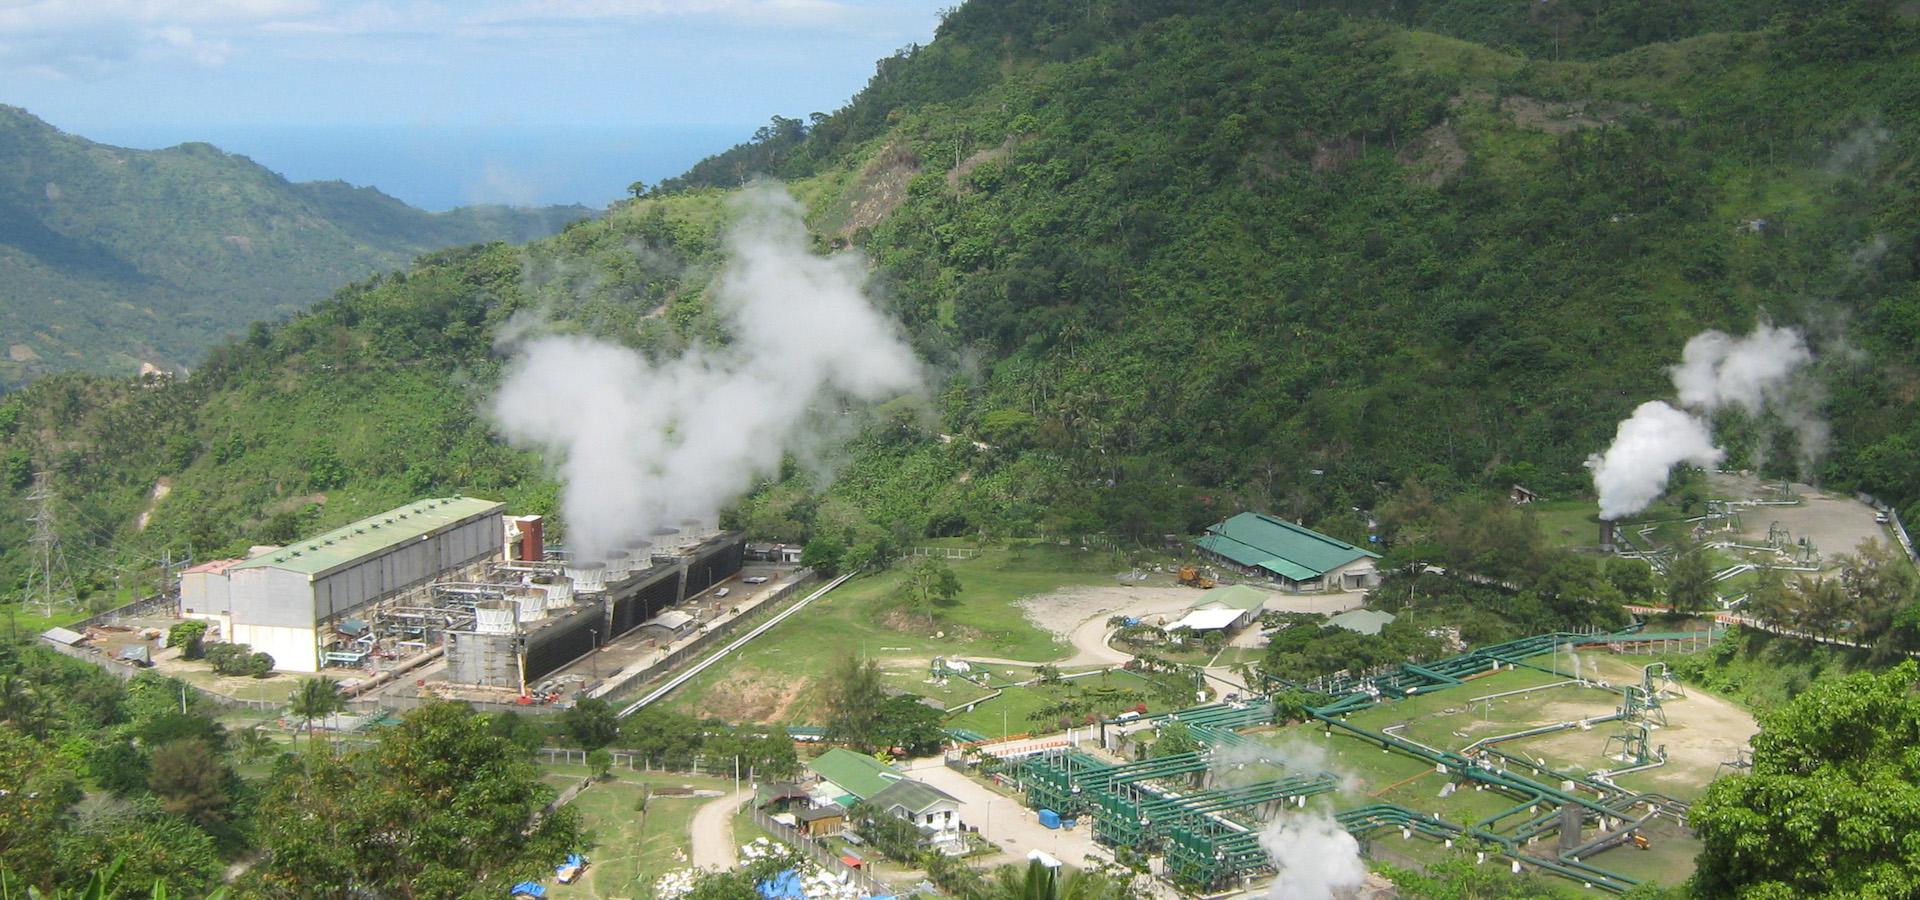 Palinpinon Geothermal power plant in Sitio Nasulo, Brgy. Puhagan, Valencia, Negros Oriental, Philippines